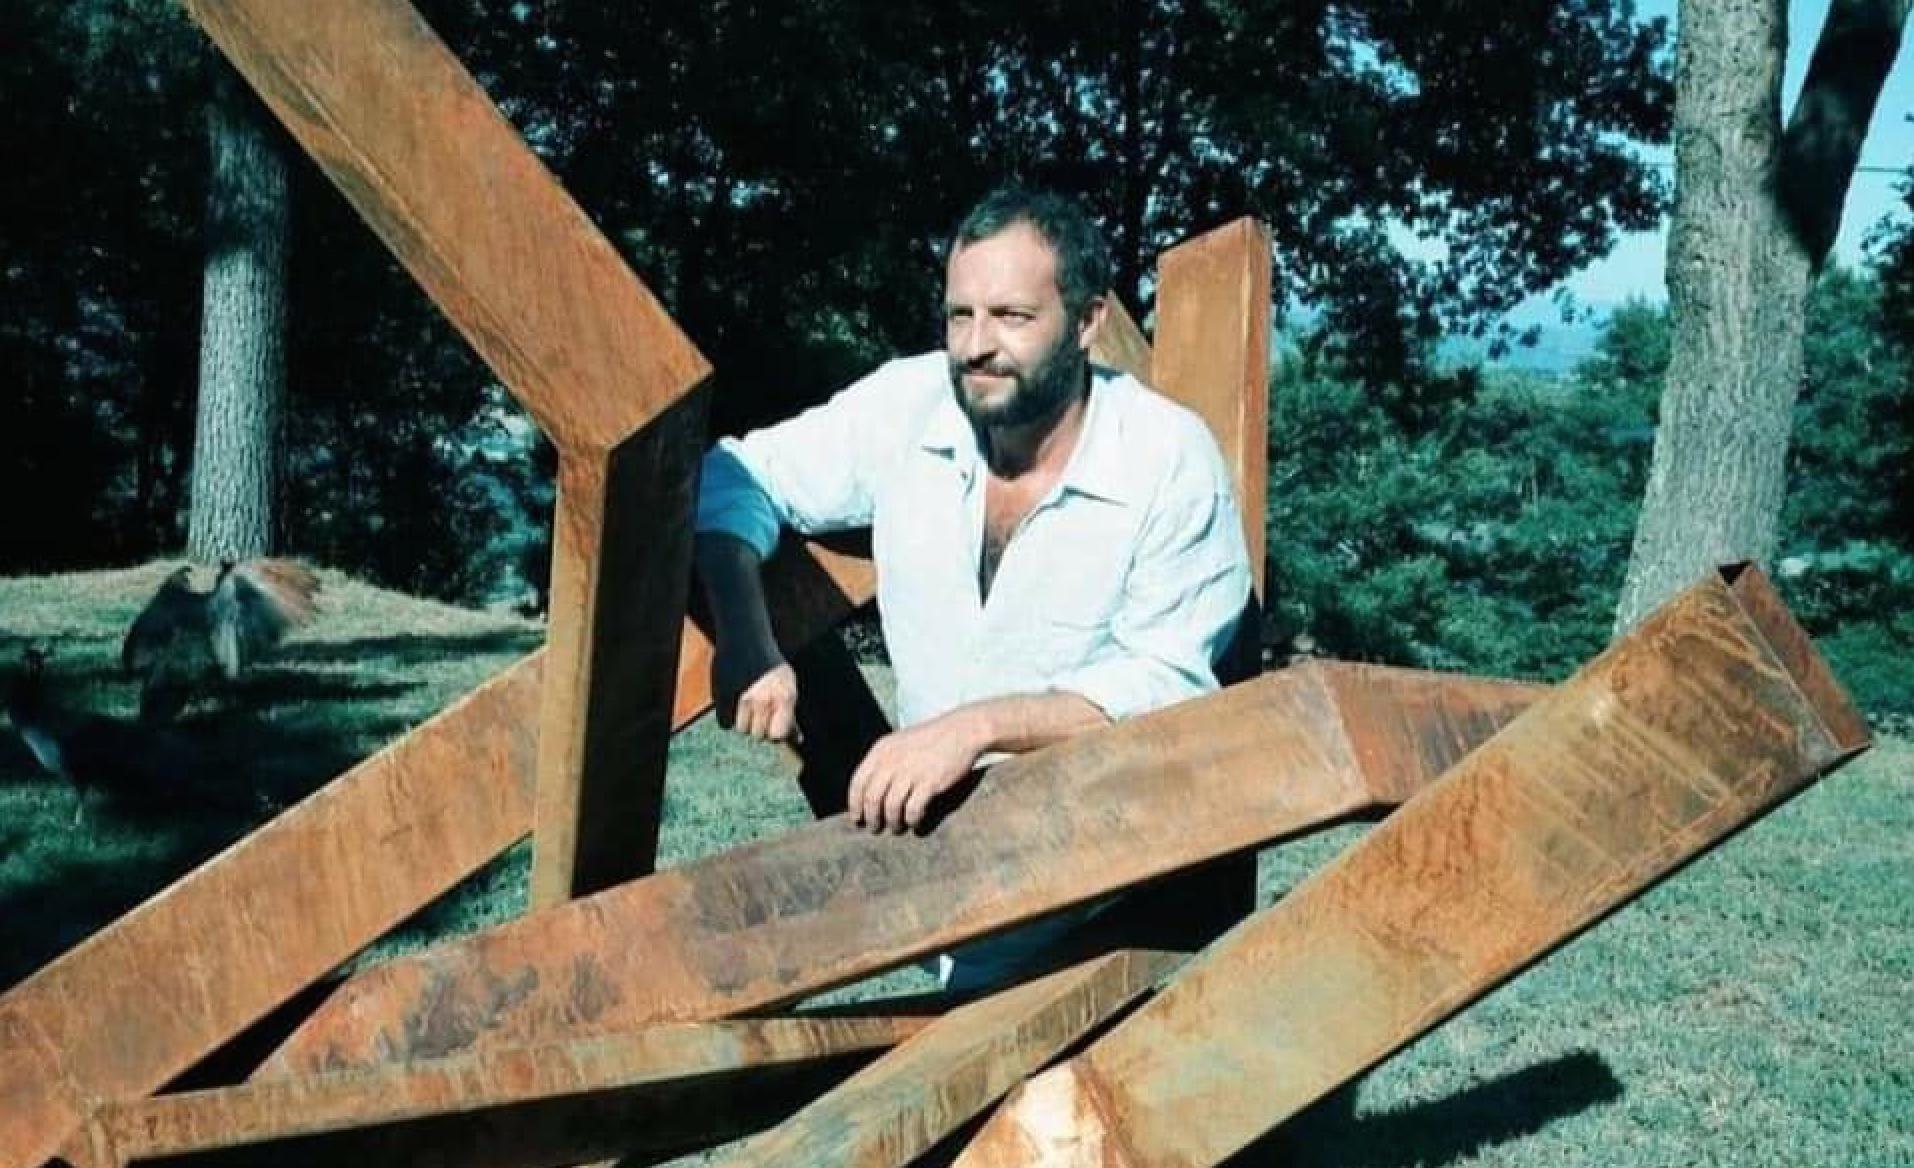 Addio a Riccardo Murelli. Lo scultore è morto a Todi all'età di 45 anni